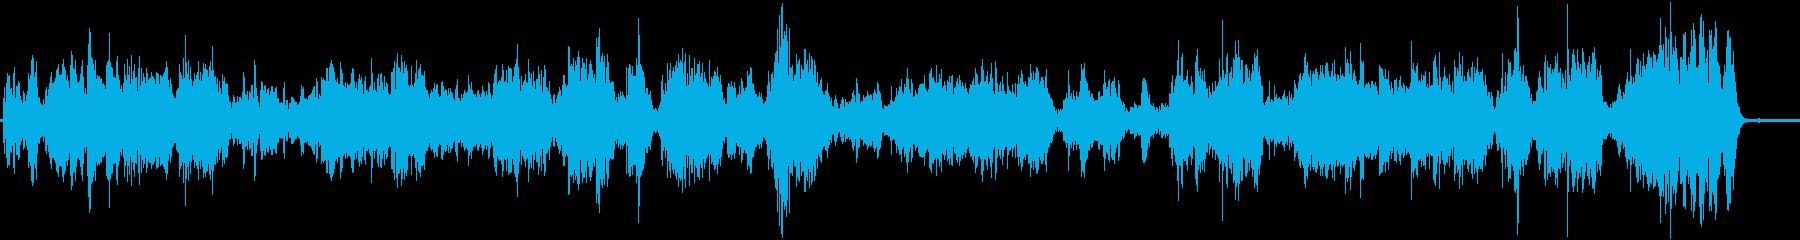 クラシック 感情的 楽しげ ファン...の再生済みの波形